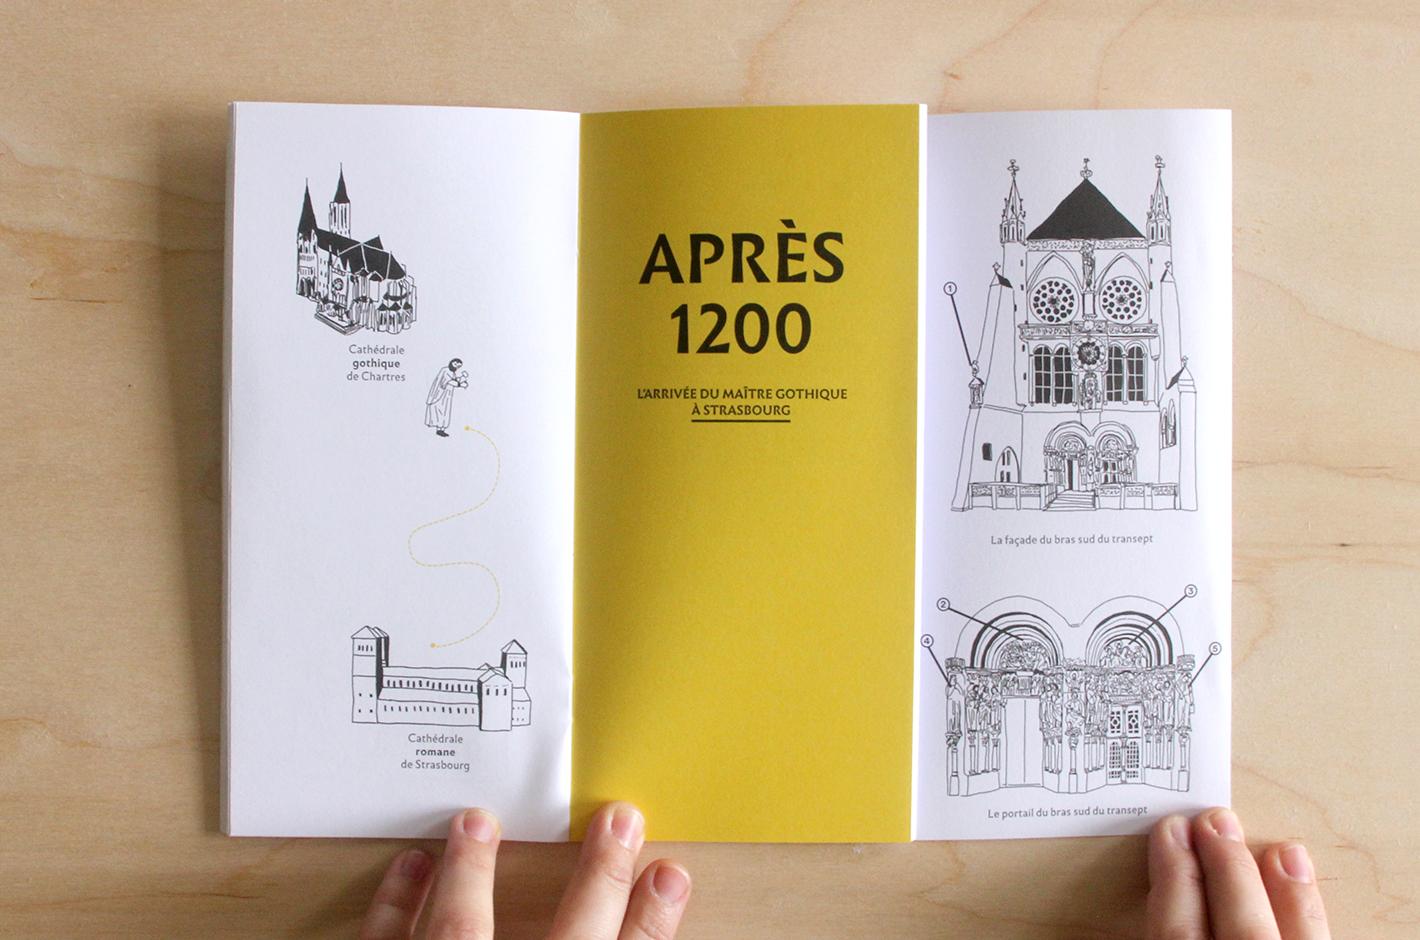 L'œil écoute - outil pédagogique - Musée de l'Œuvre Notre Dame - Strasbourg - 2015